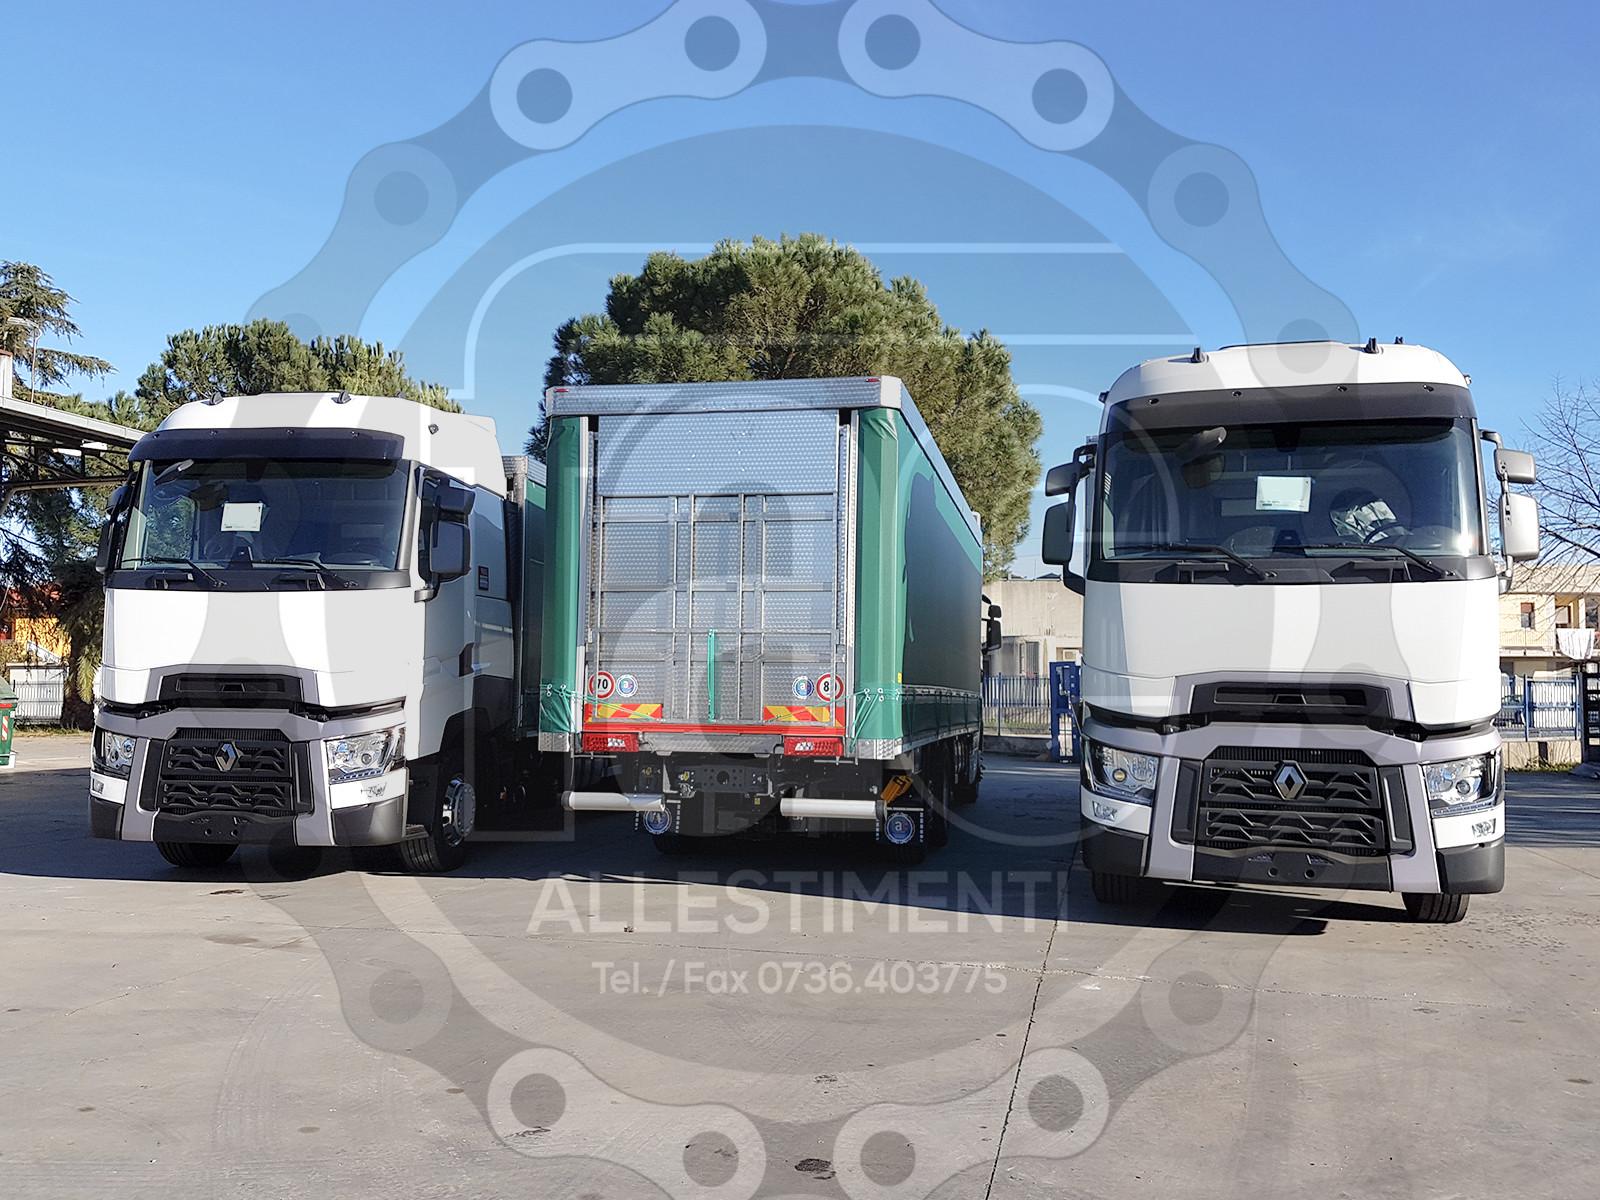 Realizzazione di camion per trasporto animali vivi 6